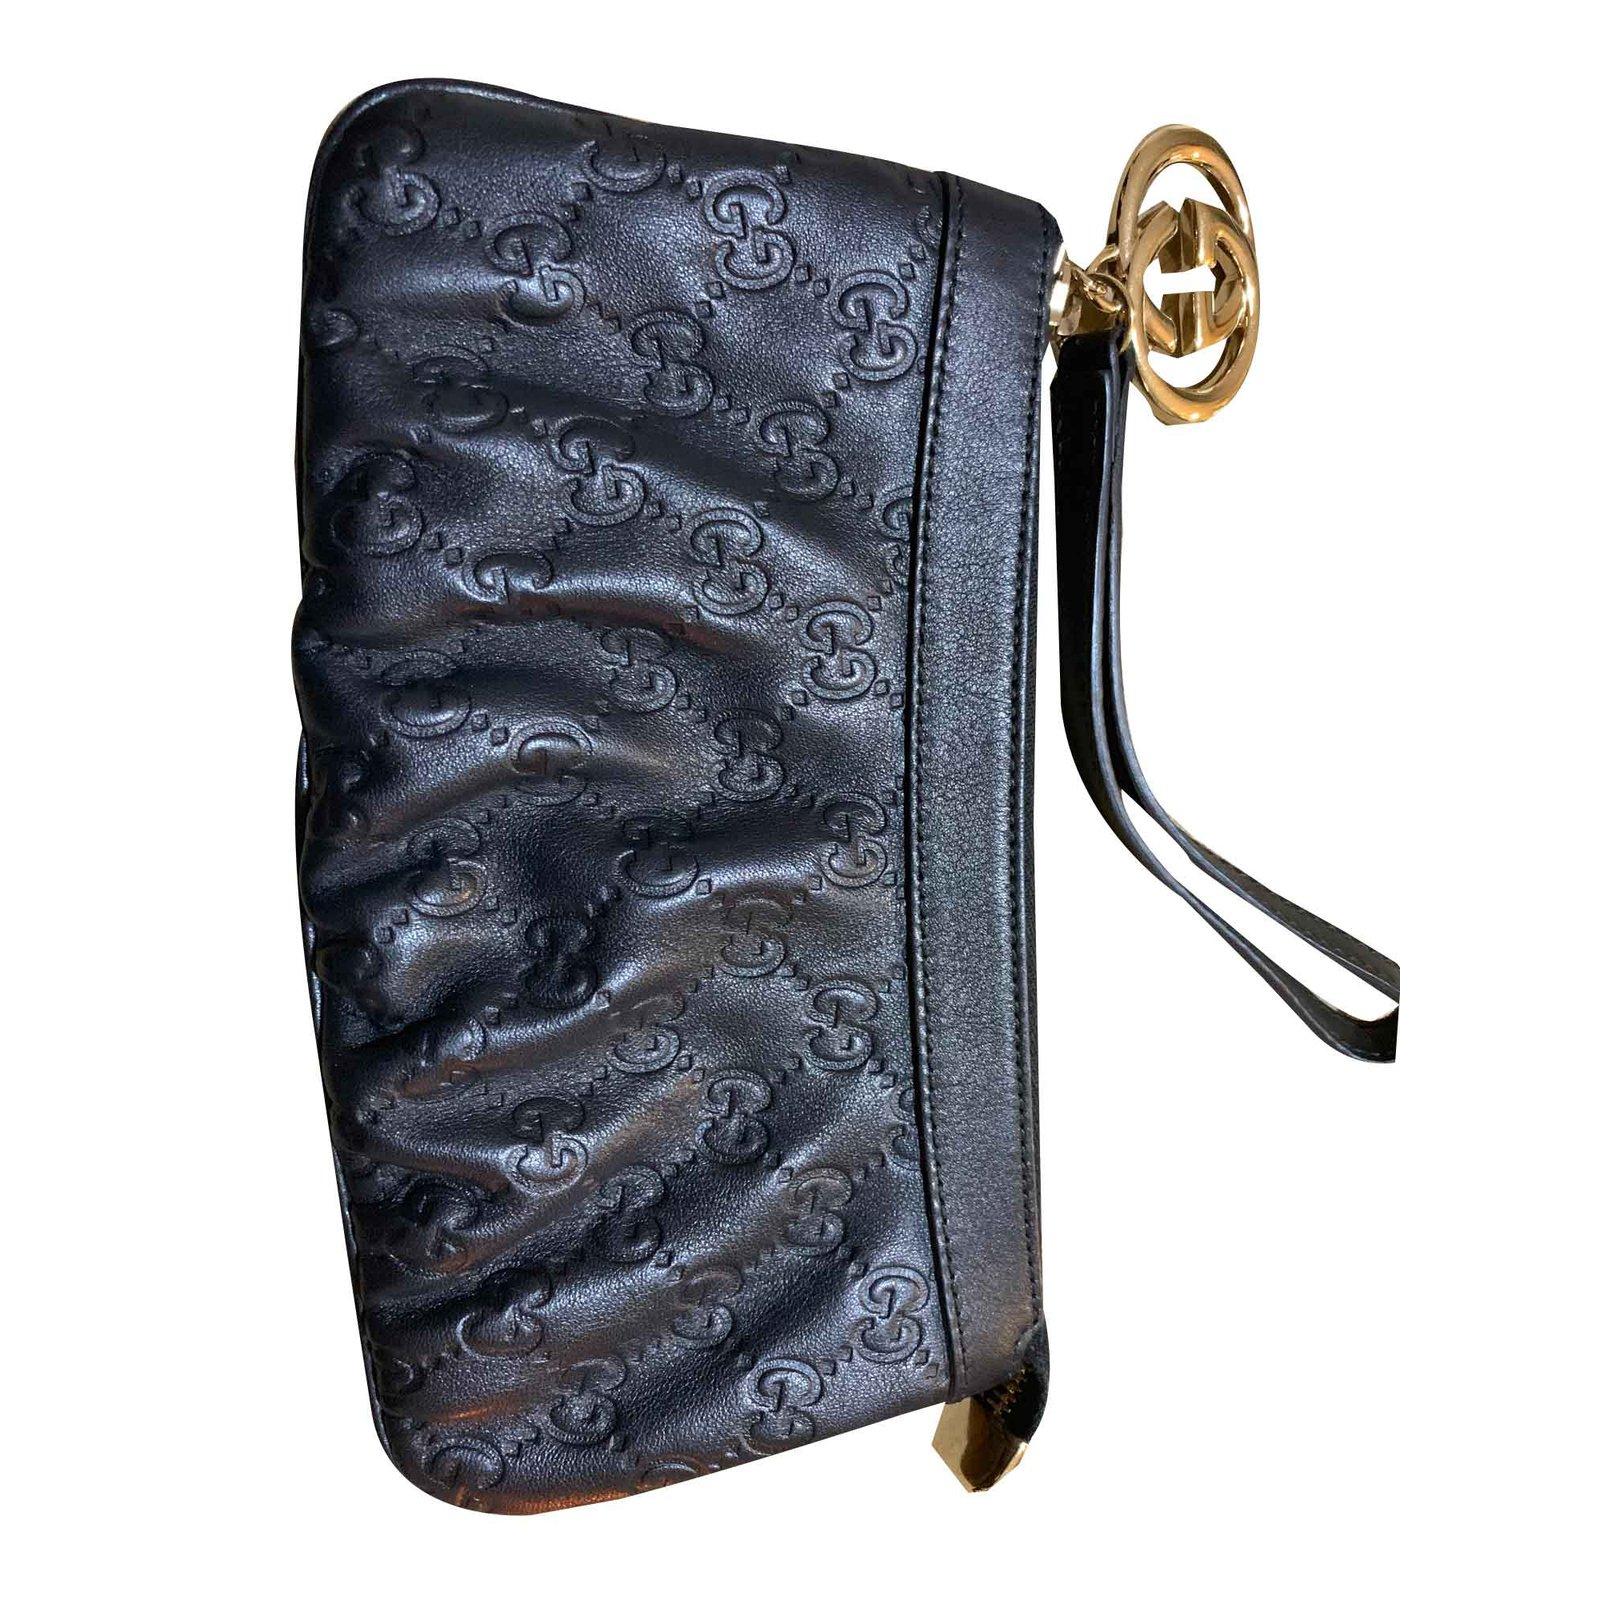 cd2cbfba4ebe Gucci Clutch bags Clutch bags Leather Black ref.101670 - Joli Closet